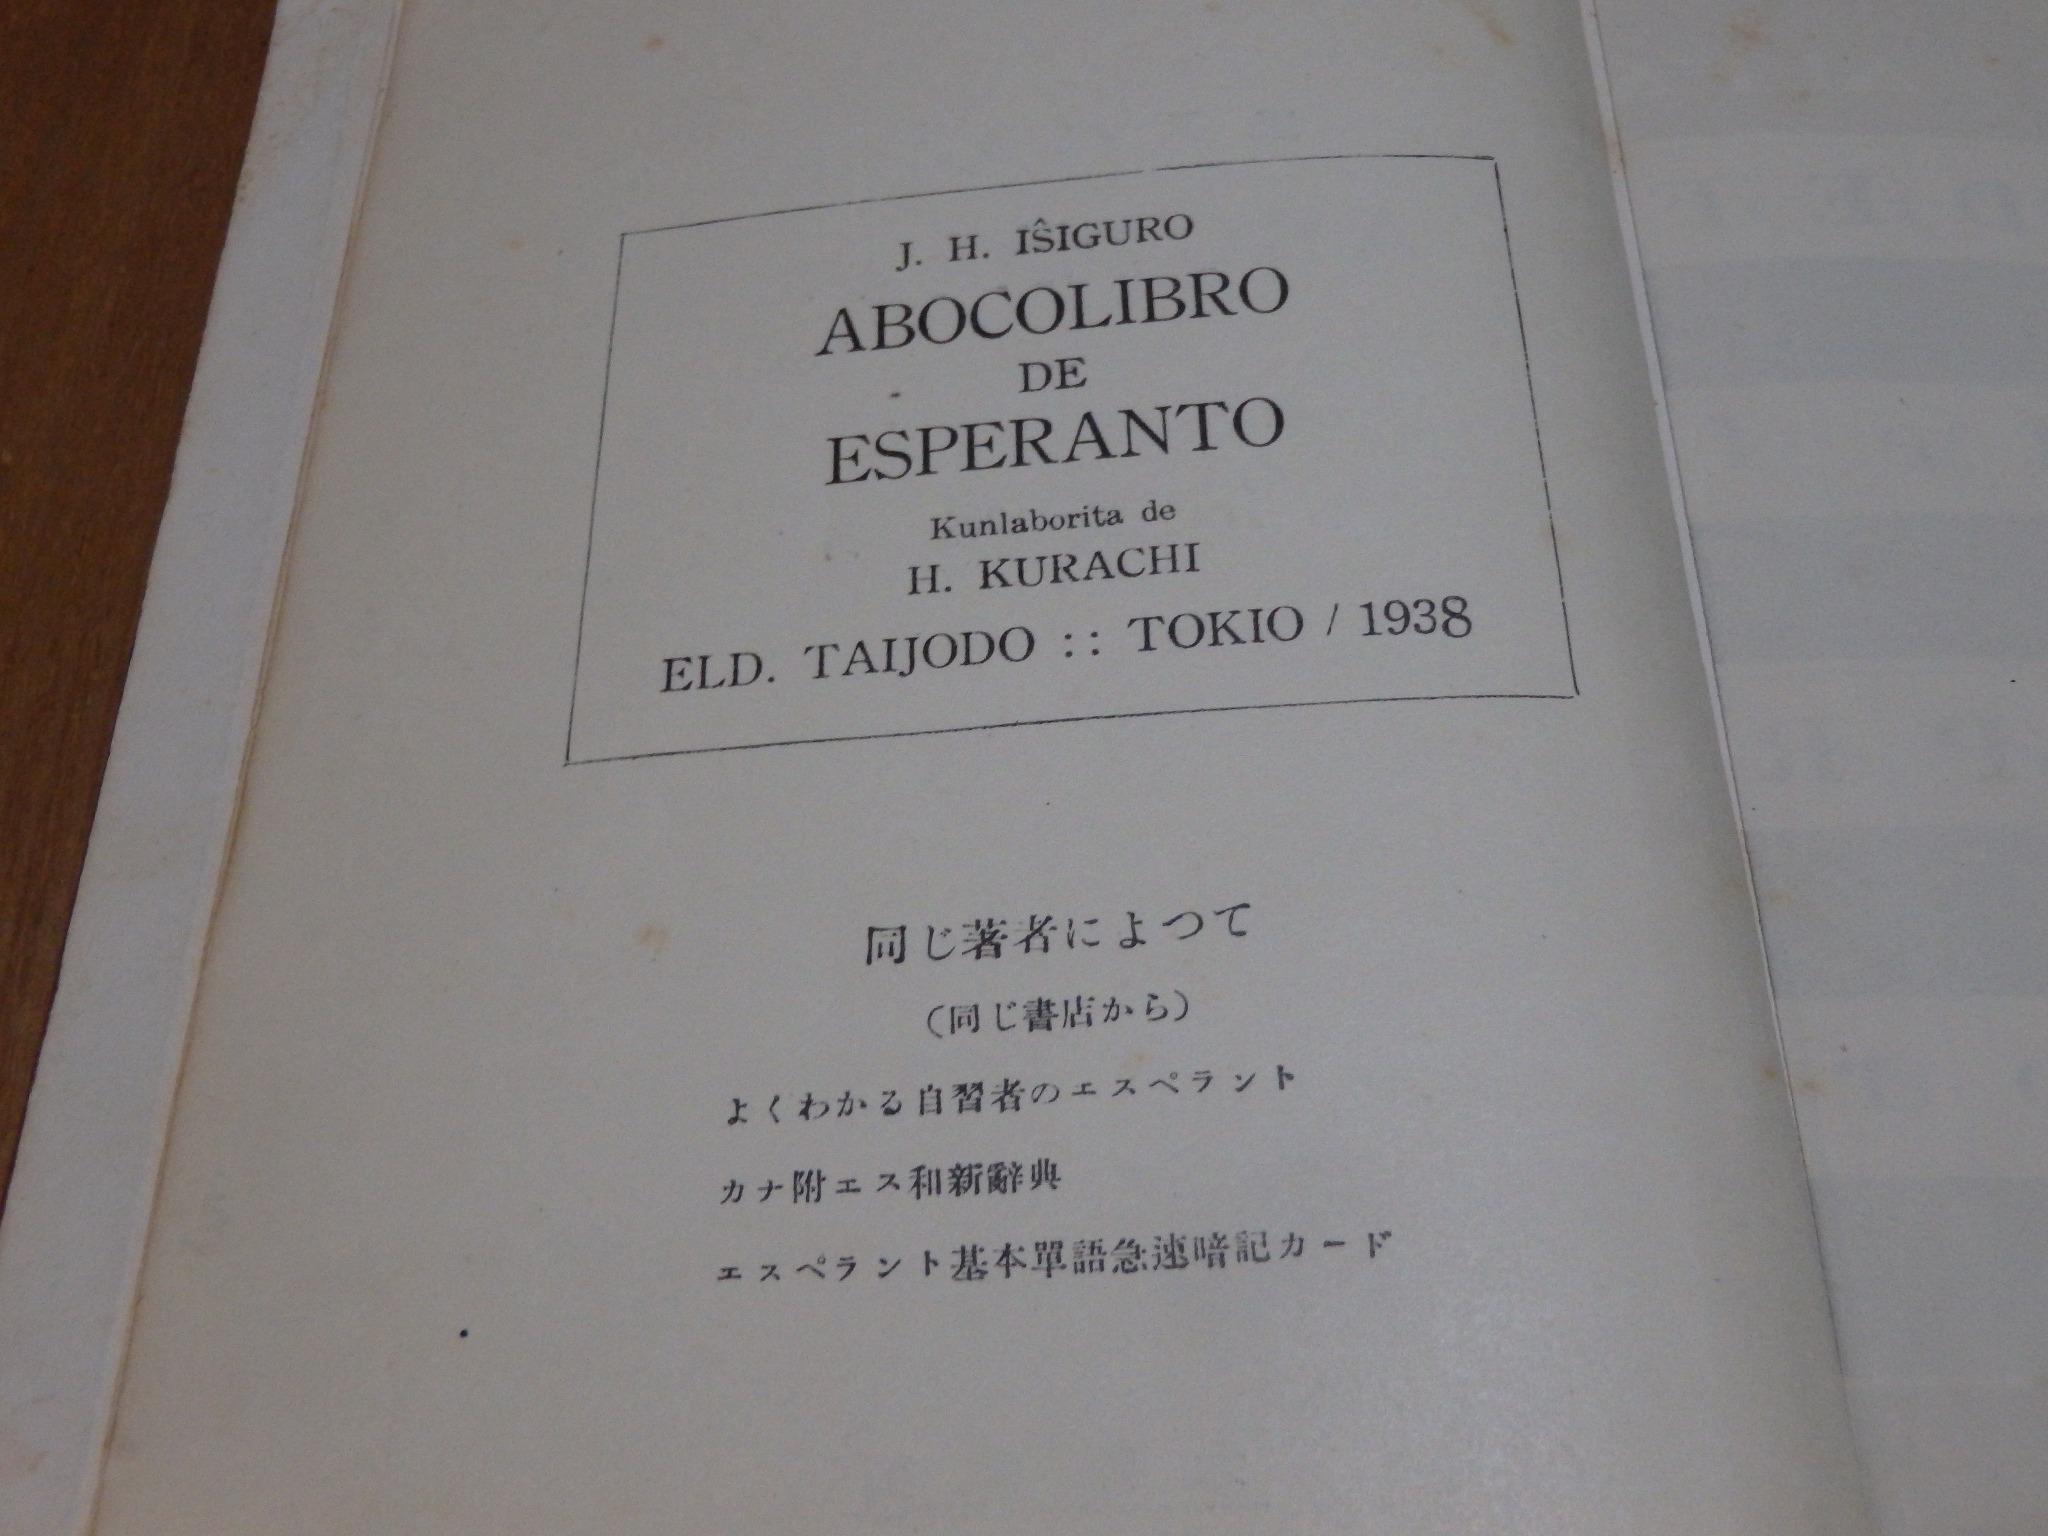 Iŝiguro, J. H. 1938.  Abocolibro de Esperanto.  Eld. Taijodo: Tokio.  258pp. http://t.co/xx1ddnRXCF